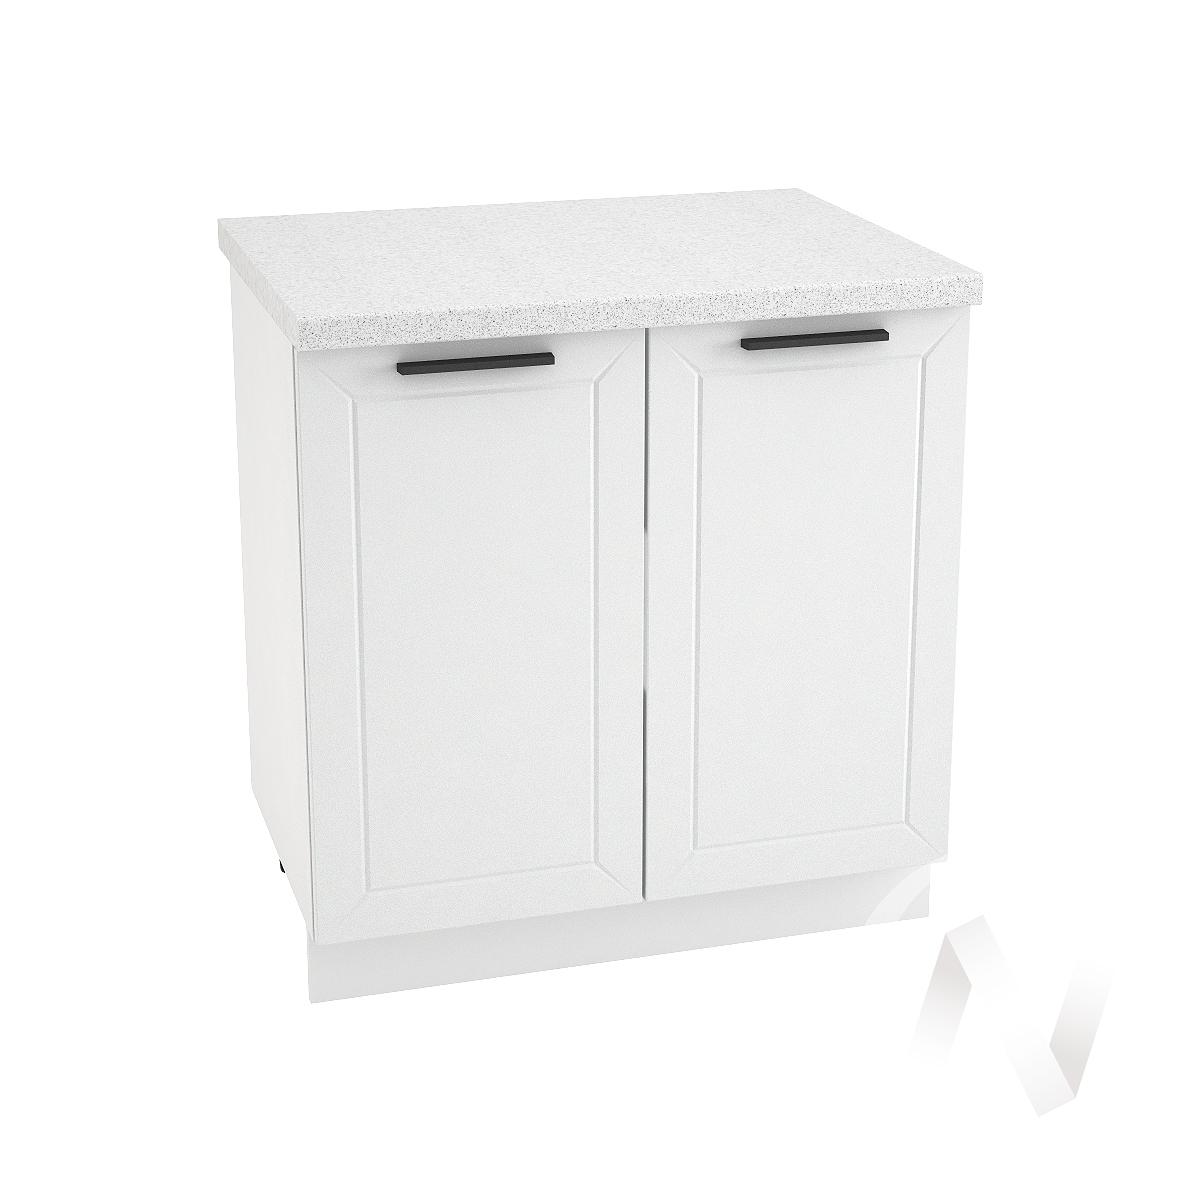 """Кухня """"Глетчер"""": Шкаф нижний 800, ШН 800 (Айленд Силк/корпус белый)"""